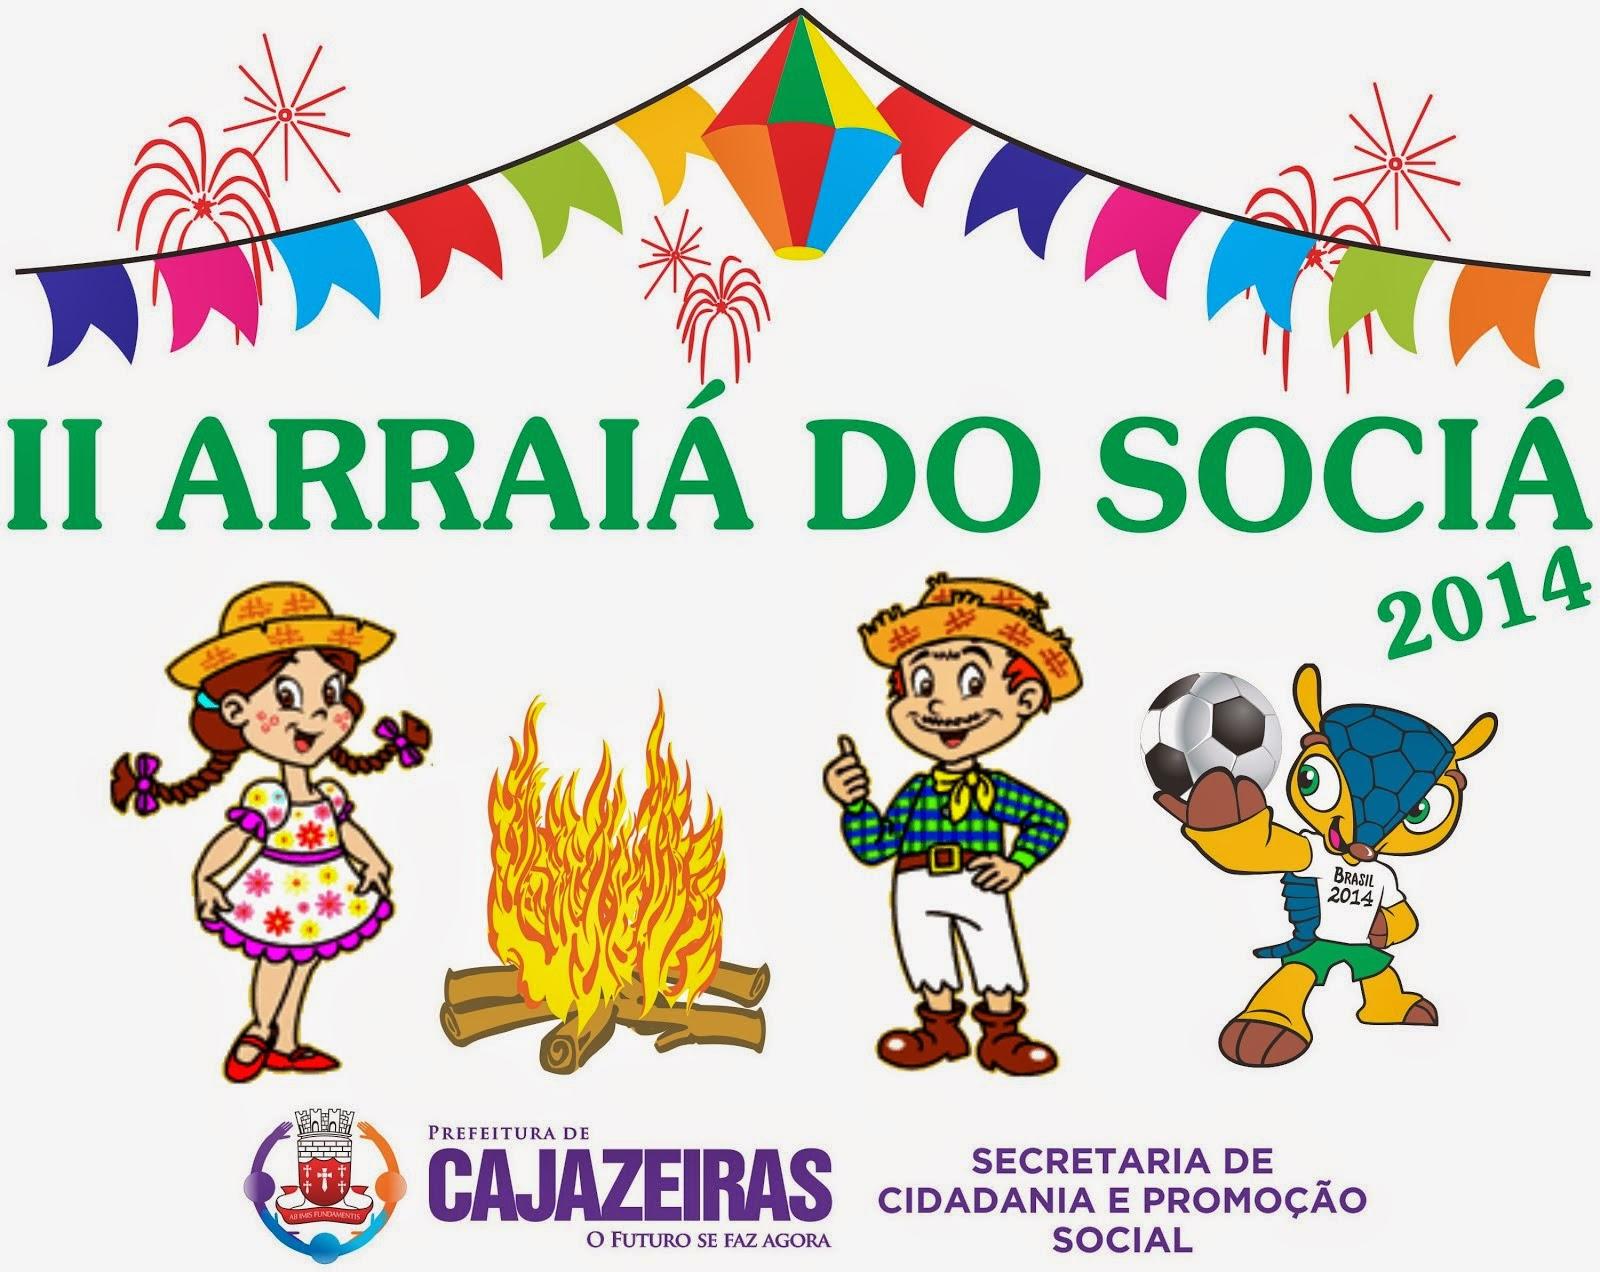 ARRAIA  DO  SOCIAL  CAJAZEIRAS  2014